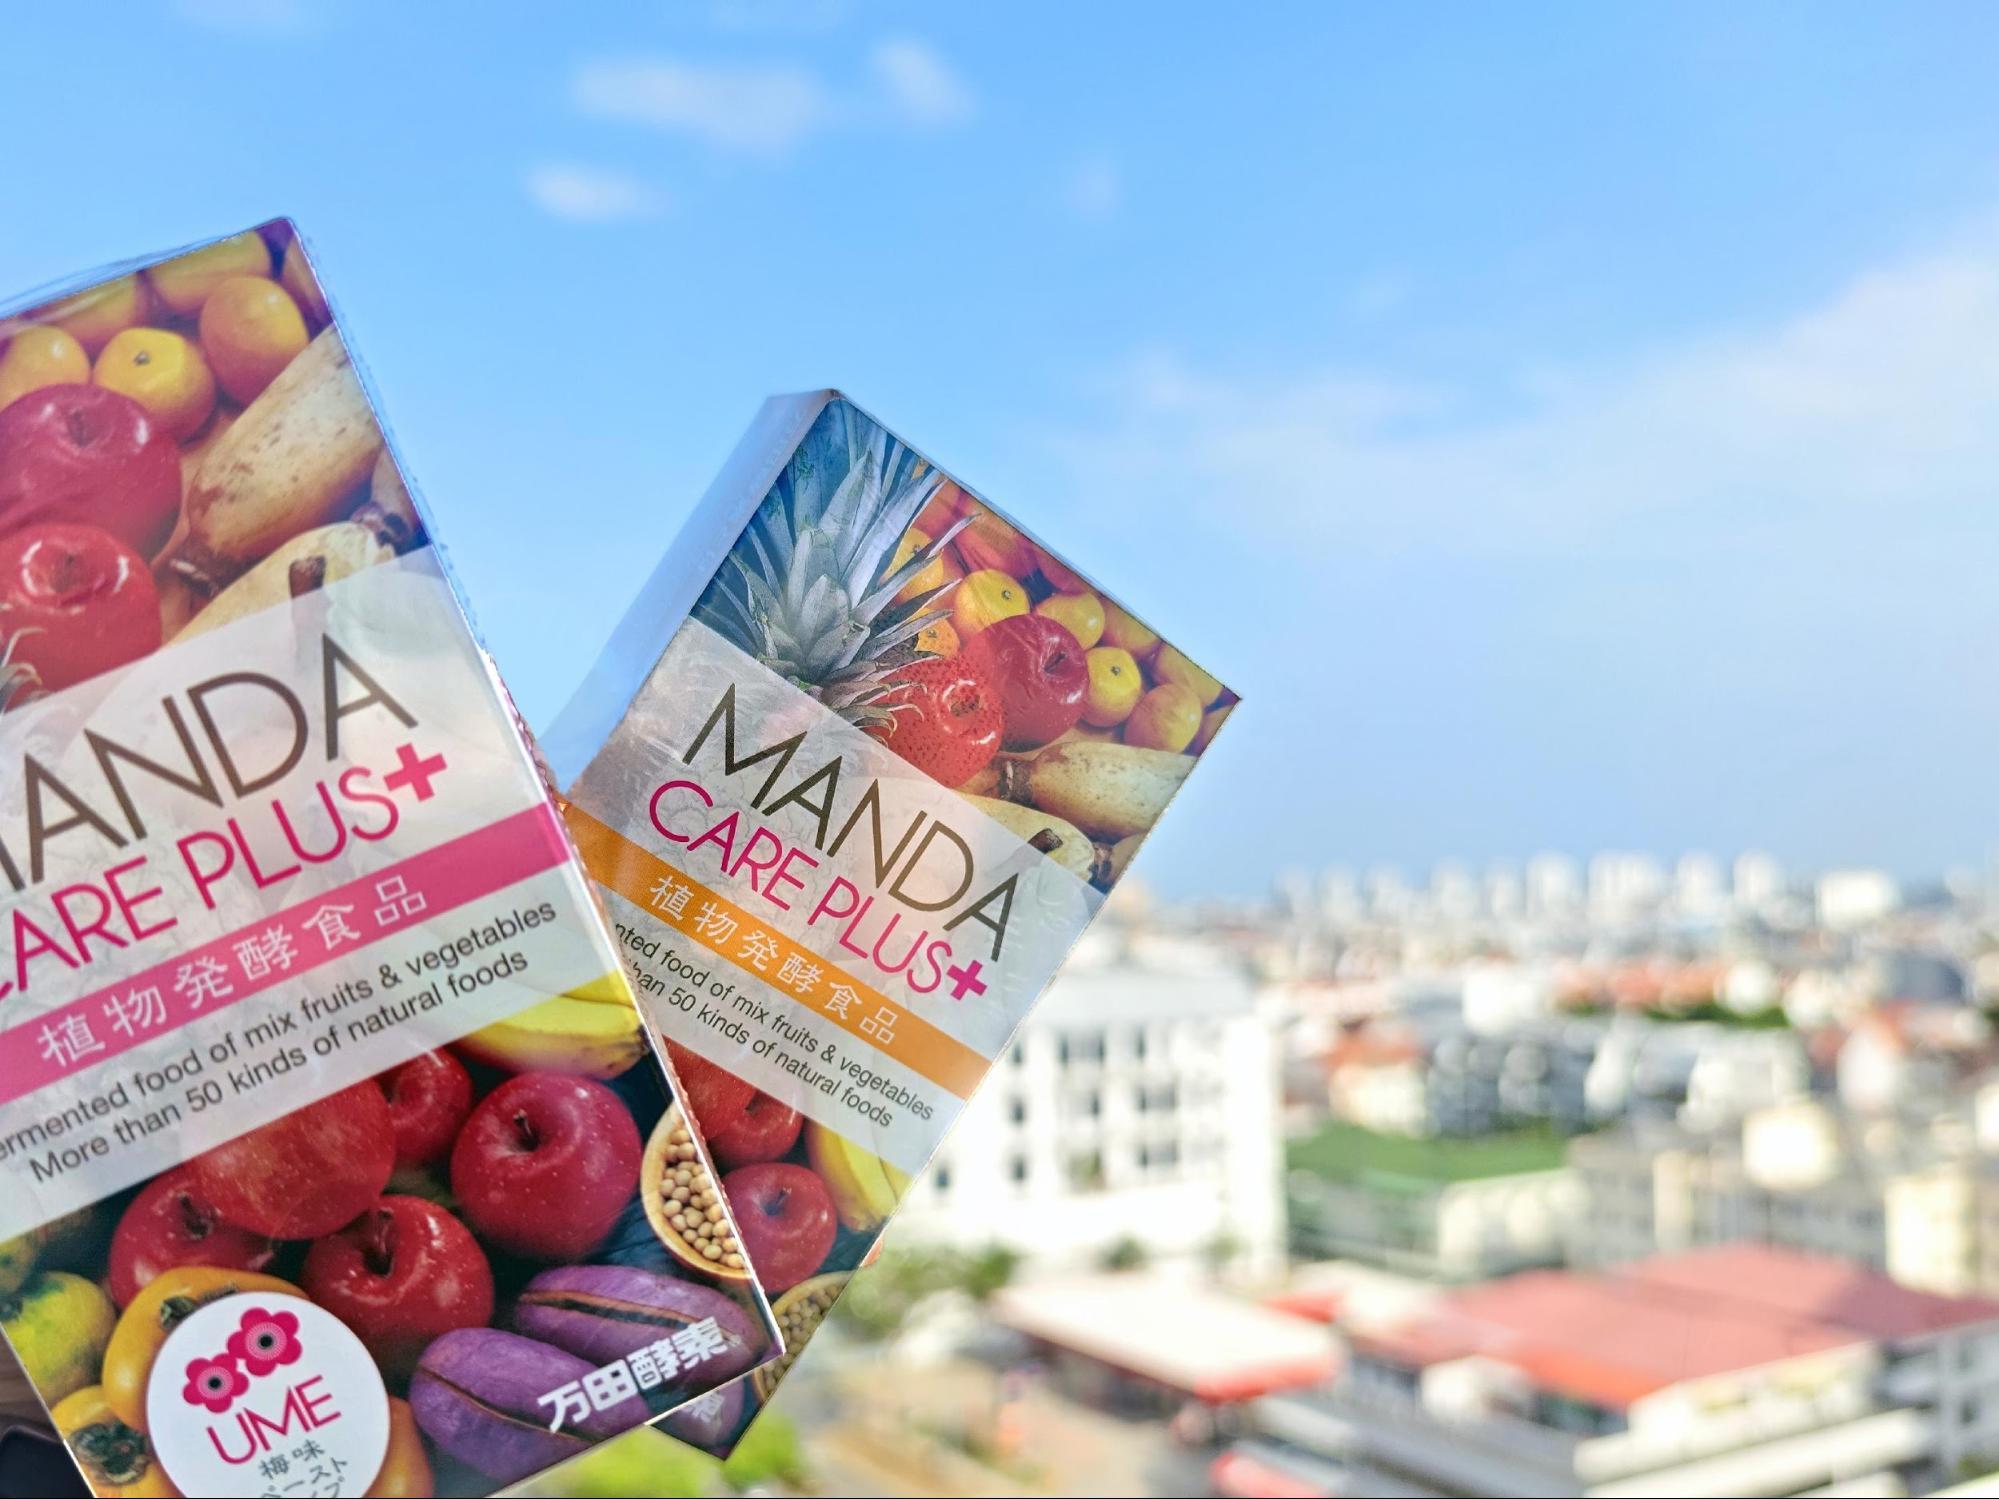 「万田酵素」をシンガポールに浸透させたい。マーケティング業界からの挑戦